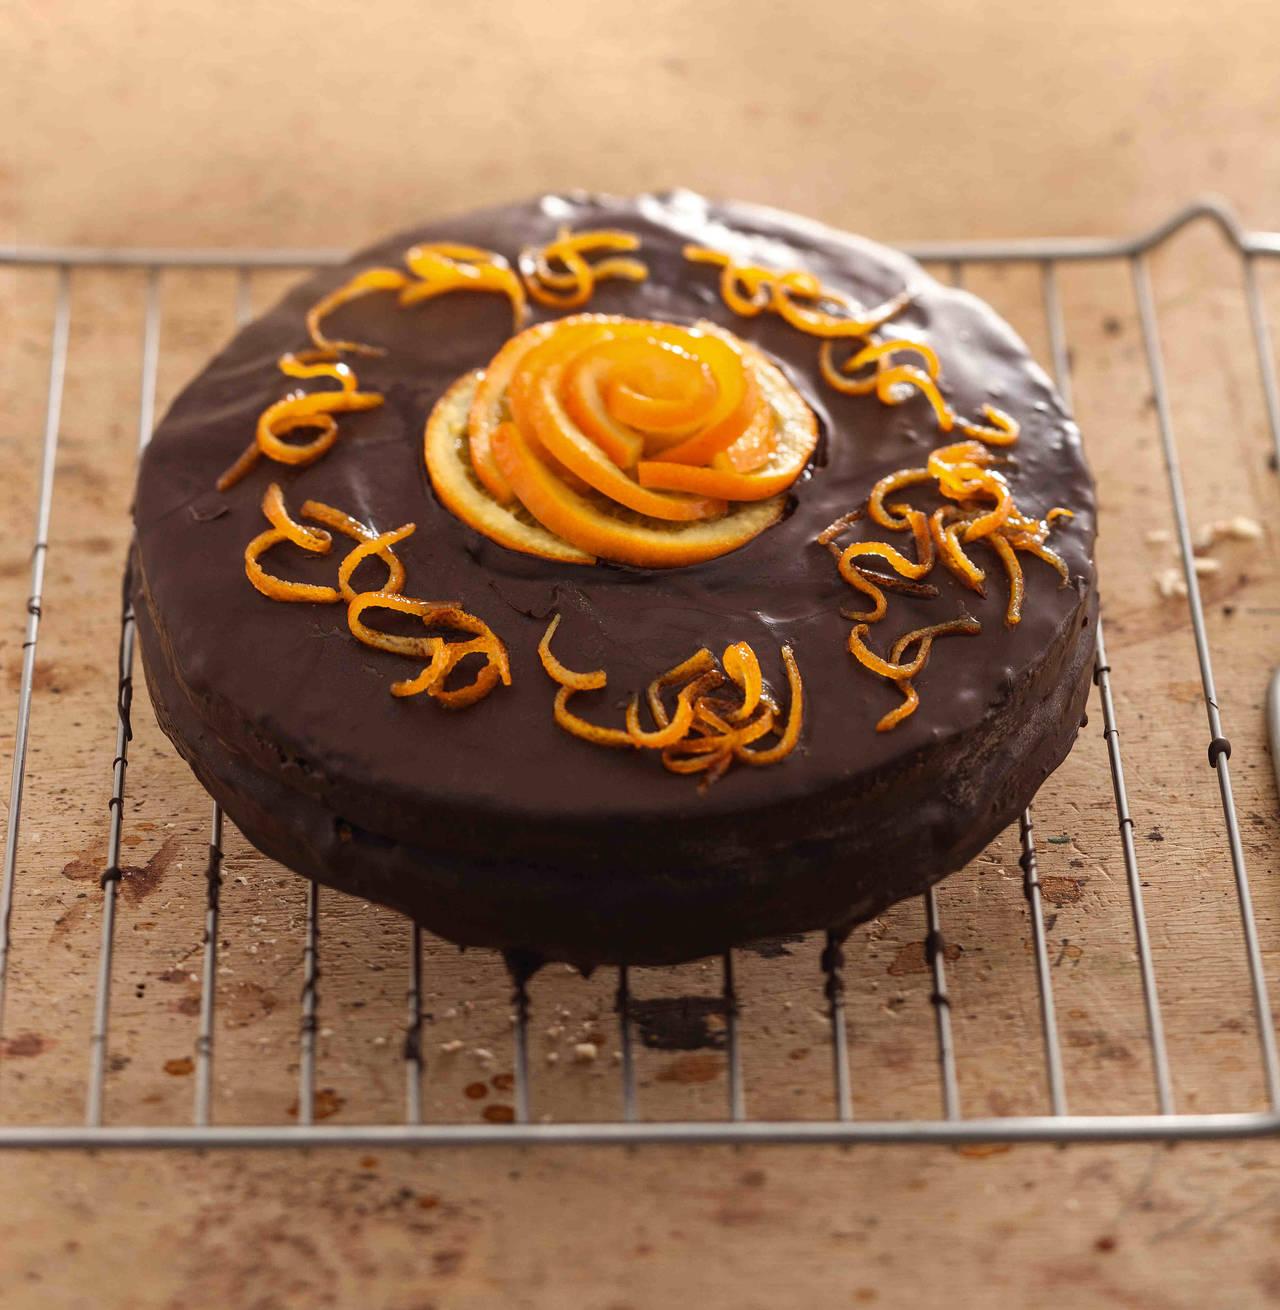 Torta soffice con crema all 39 arancia e glassa di cioccolato - Decorazioni torte con glassa ...